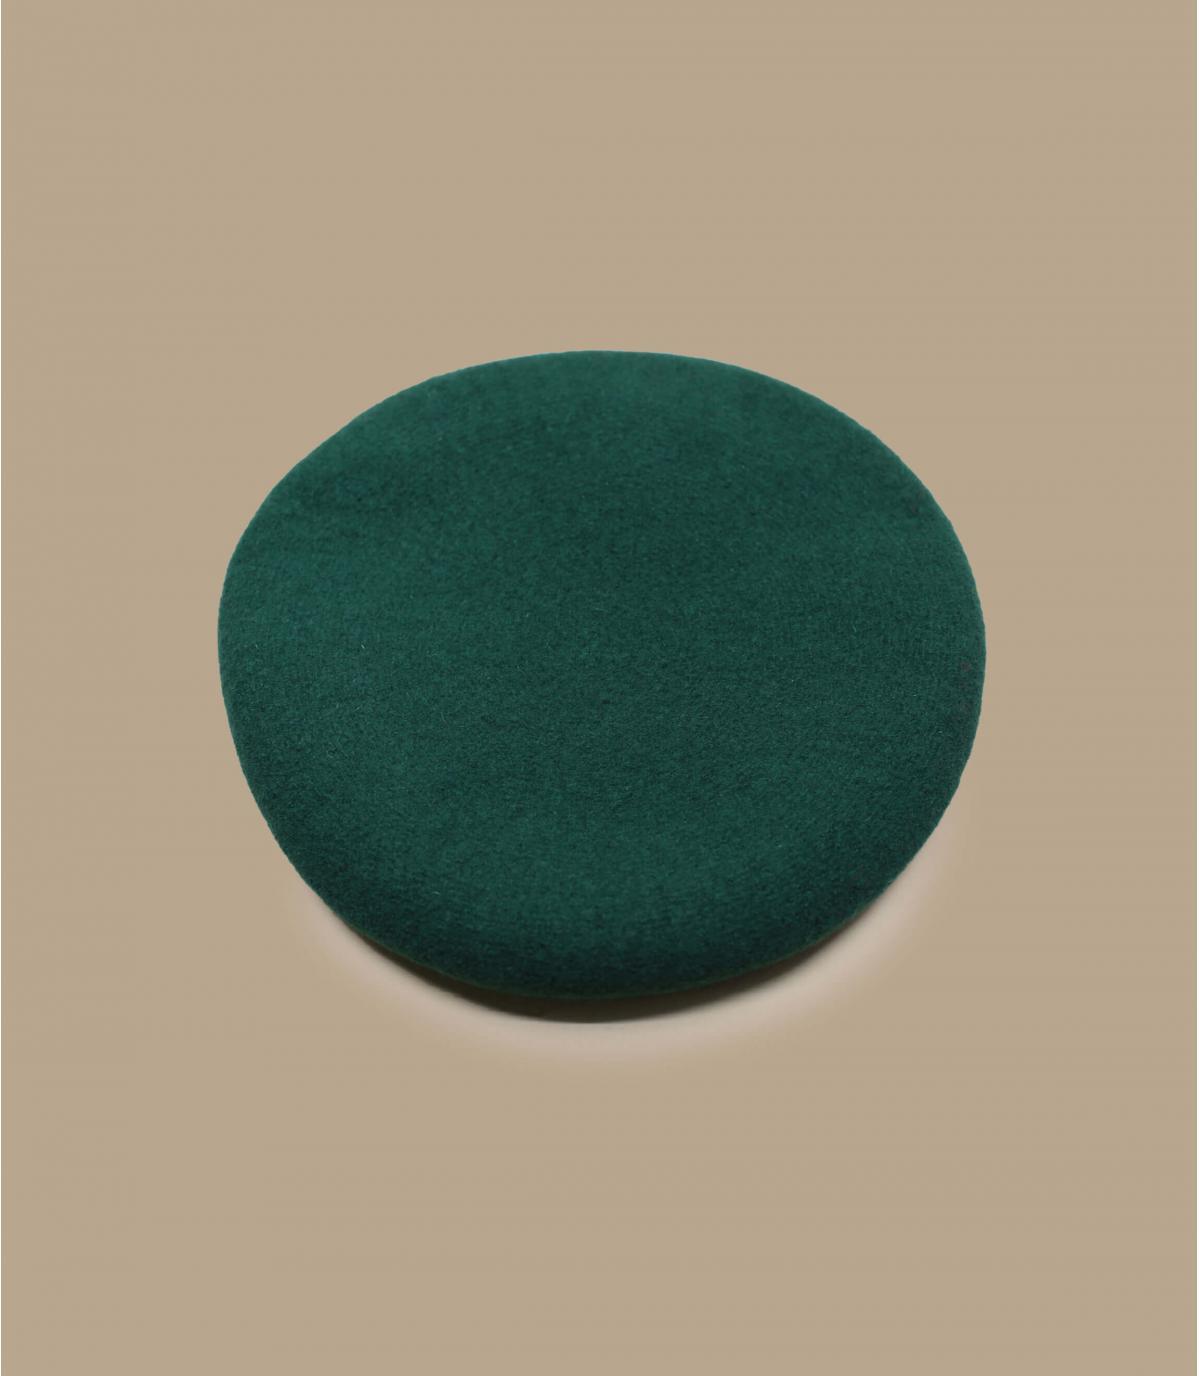 béret commando Légion vert